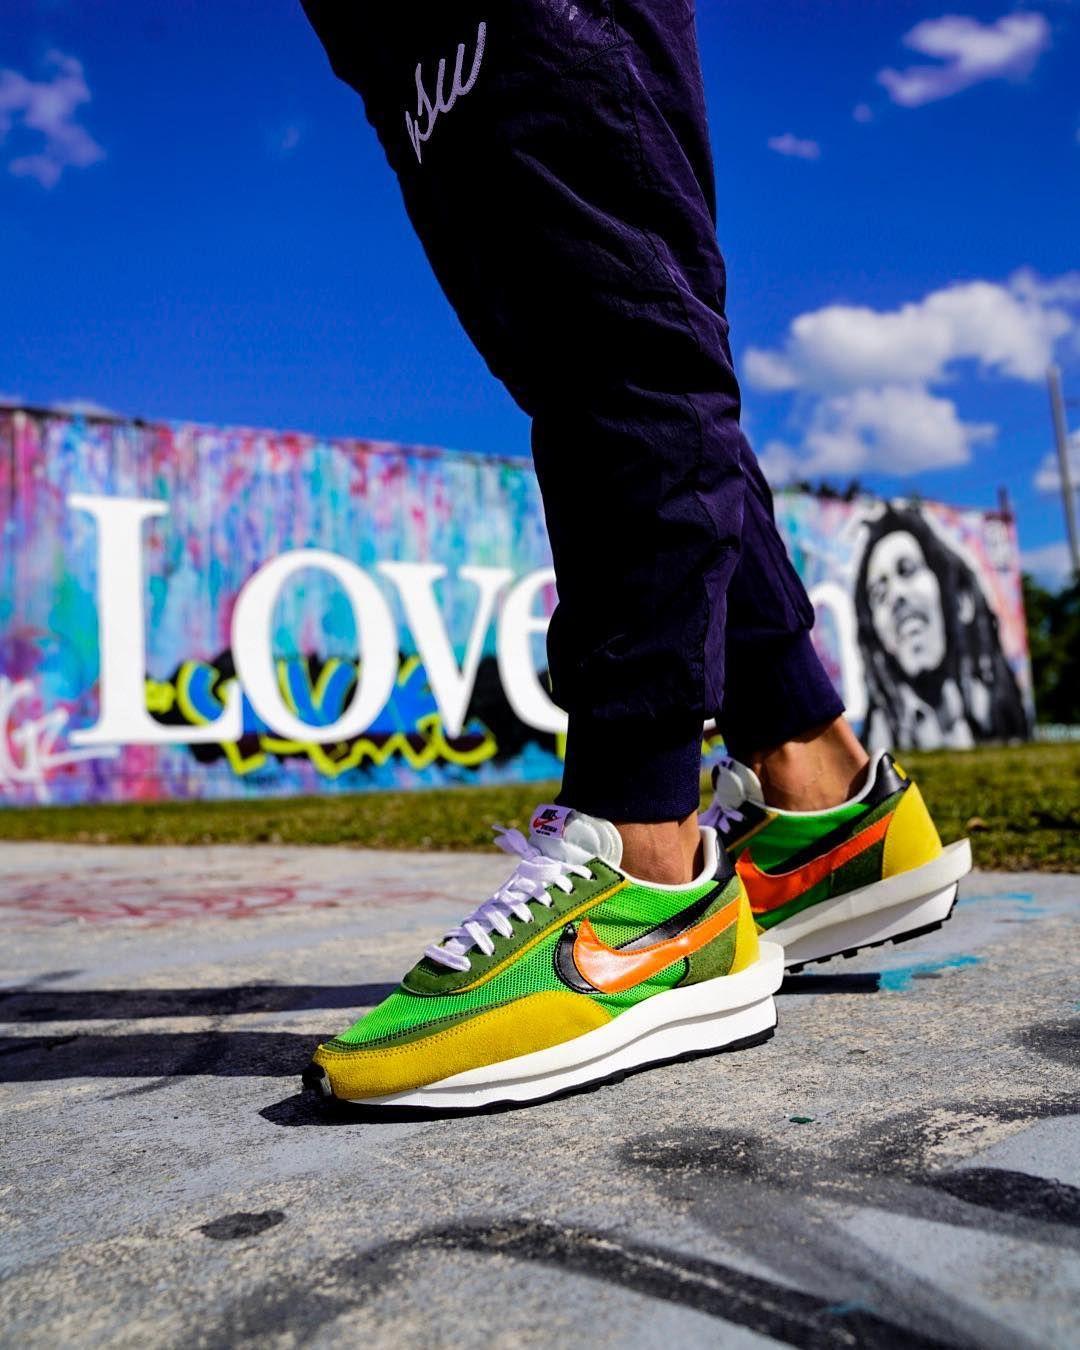 Nike X Sacai Nike Fashion Shoes Nike Women Fashion Nike Fashion Sneakers